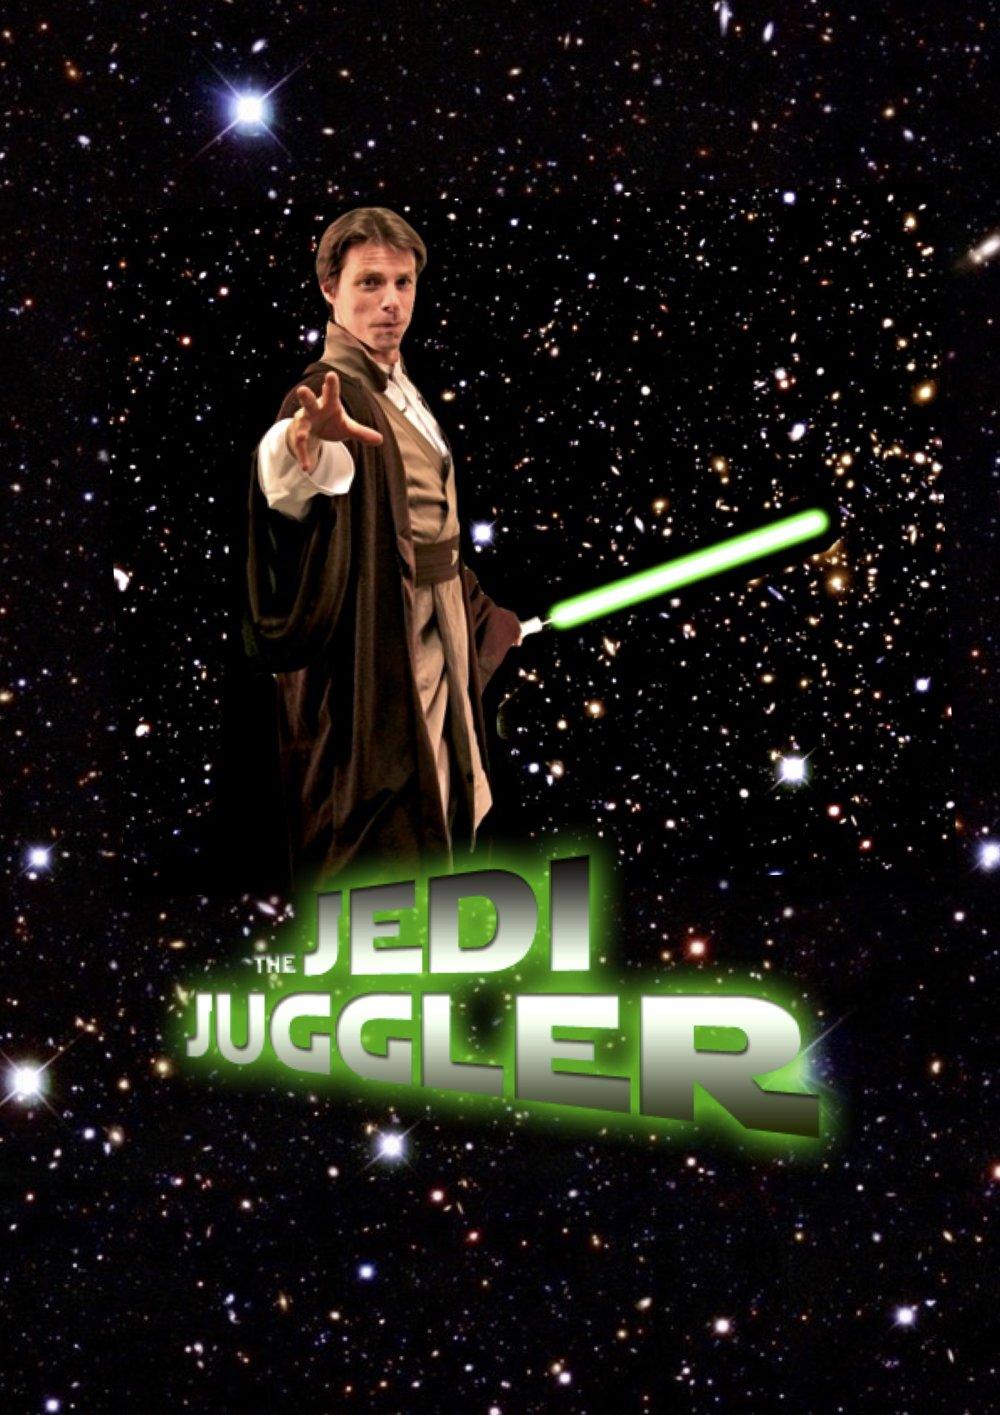 Jedi Juggler one sheet 2014 ver.1 2.jpg